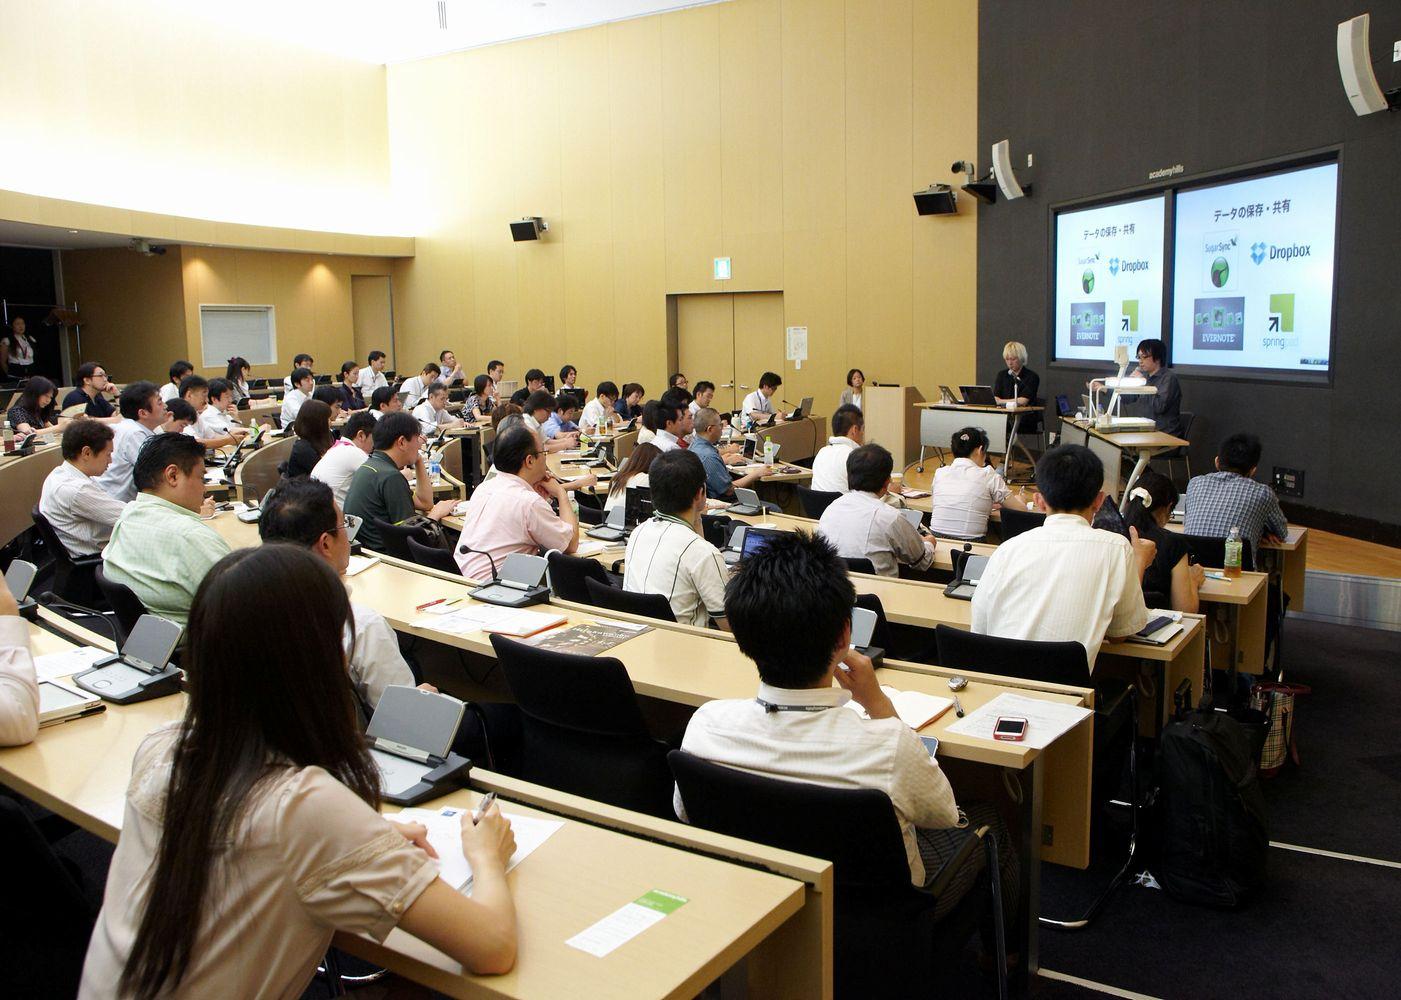 第2回WEB講座「情報整理力」Facebookページにて動画配信中!